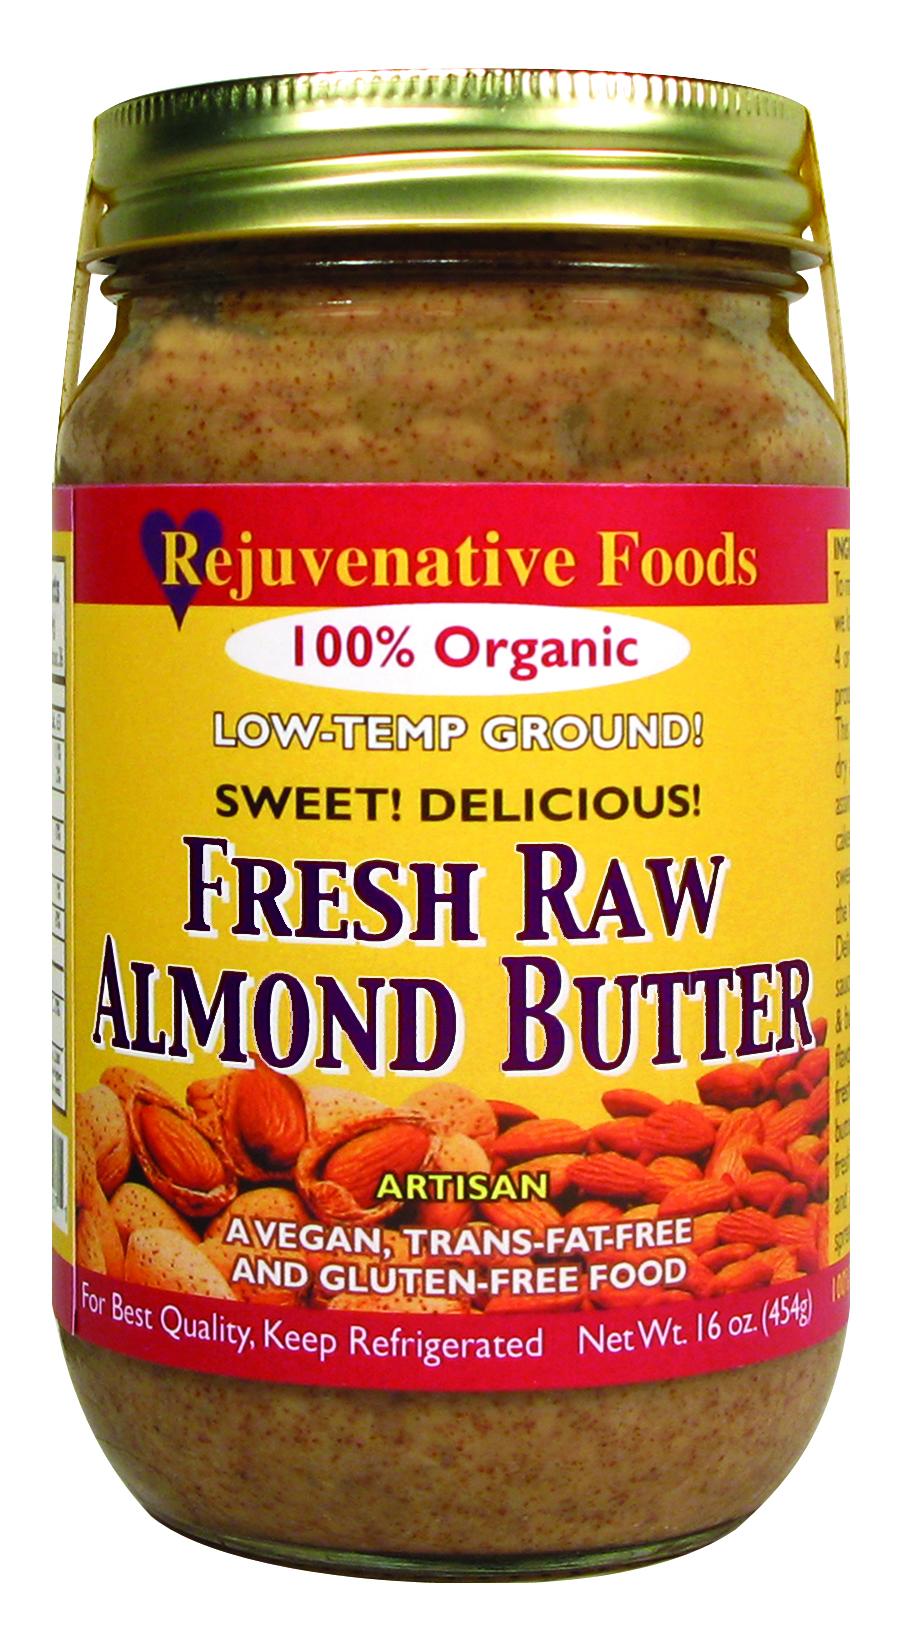 Wild Almond Butter